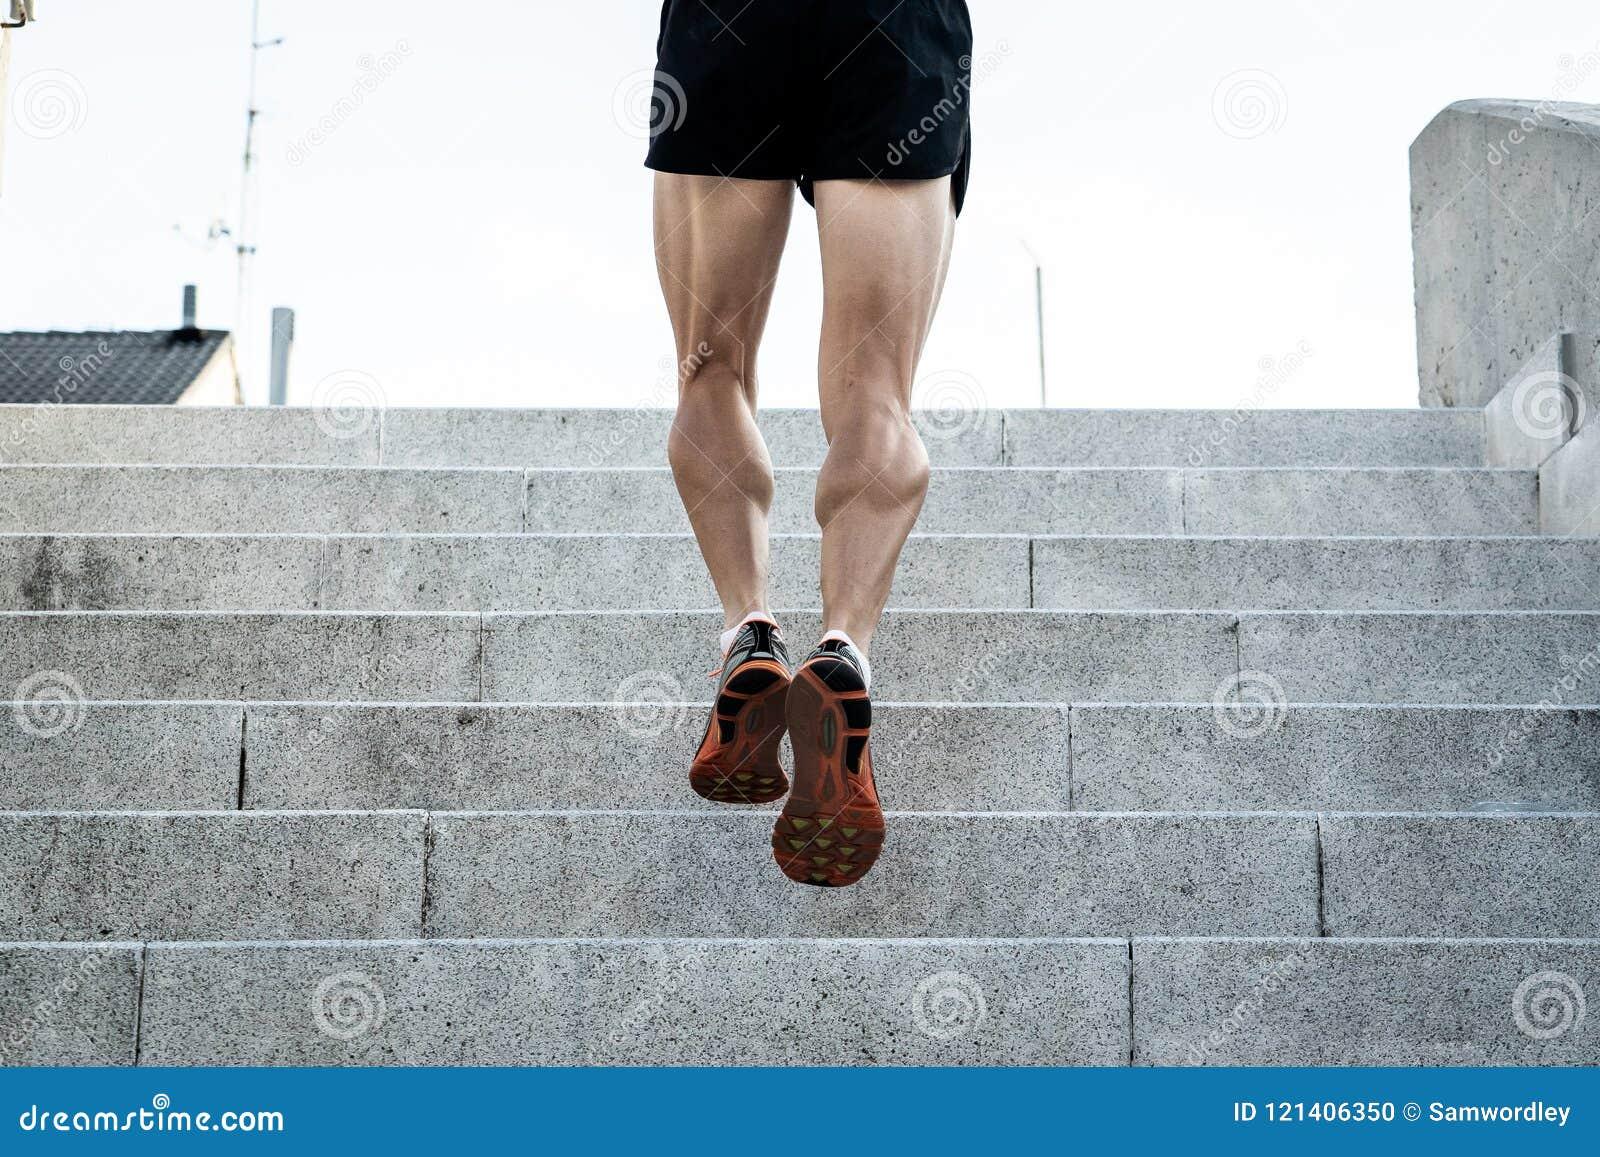 Schließen Sie oben von laufenden Beinen des Mannes bei Sonnenuntergang auf einer Landstraße